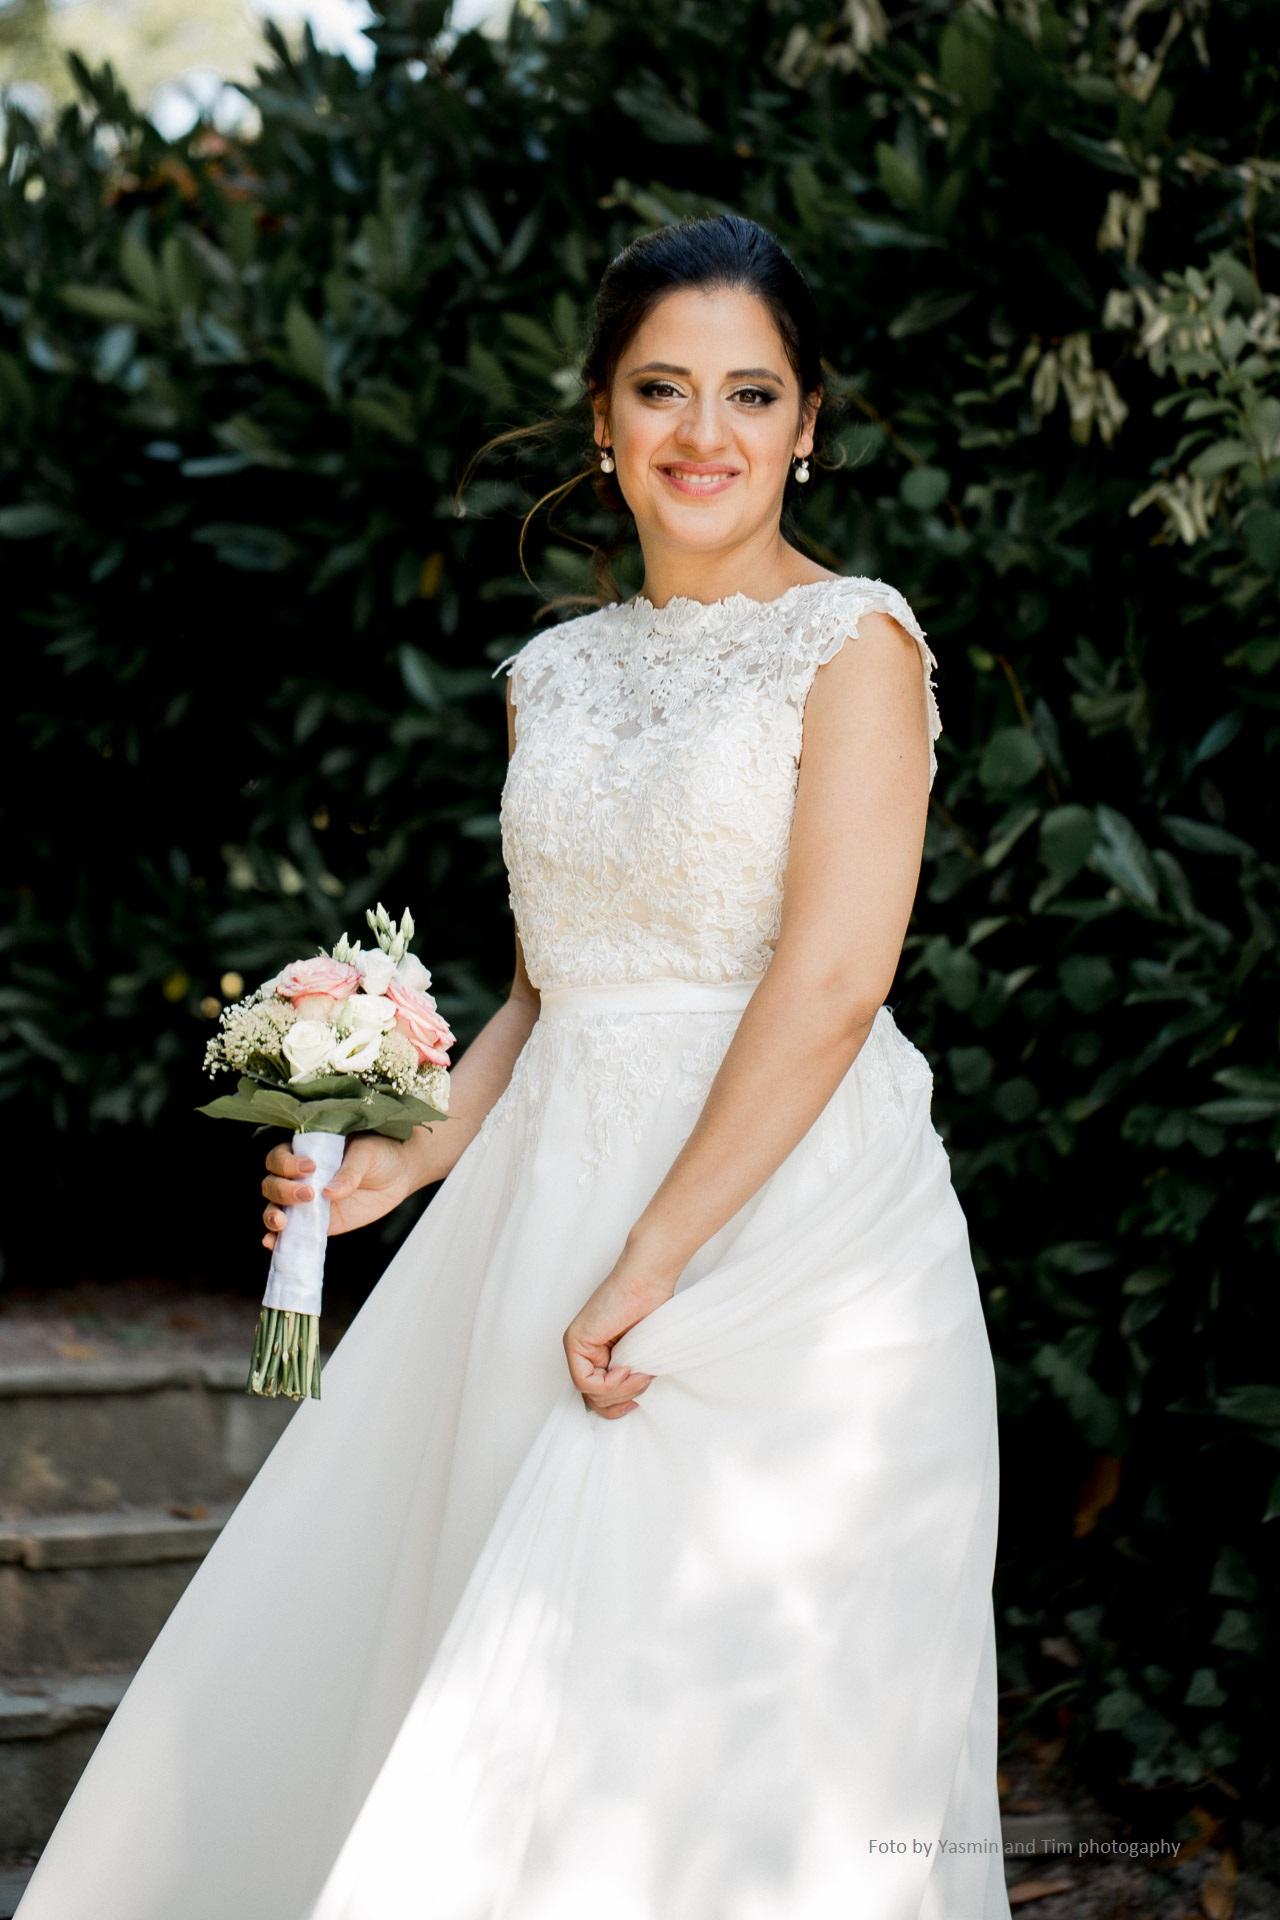 Braut mit Styling und Blumenstrauß in der Hand draußen